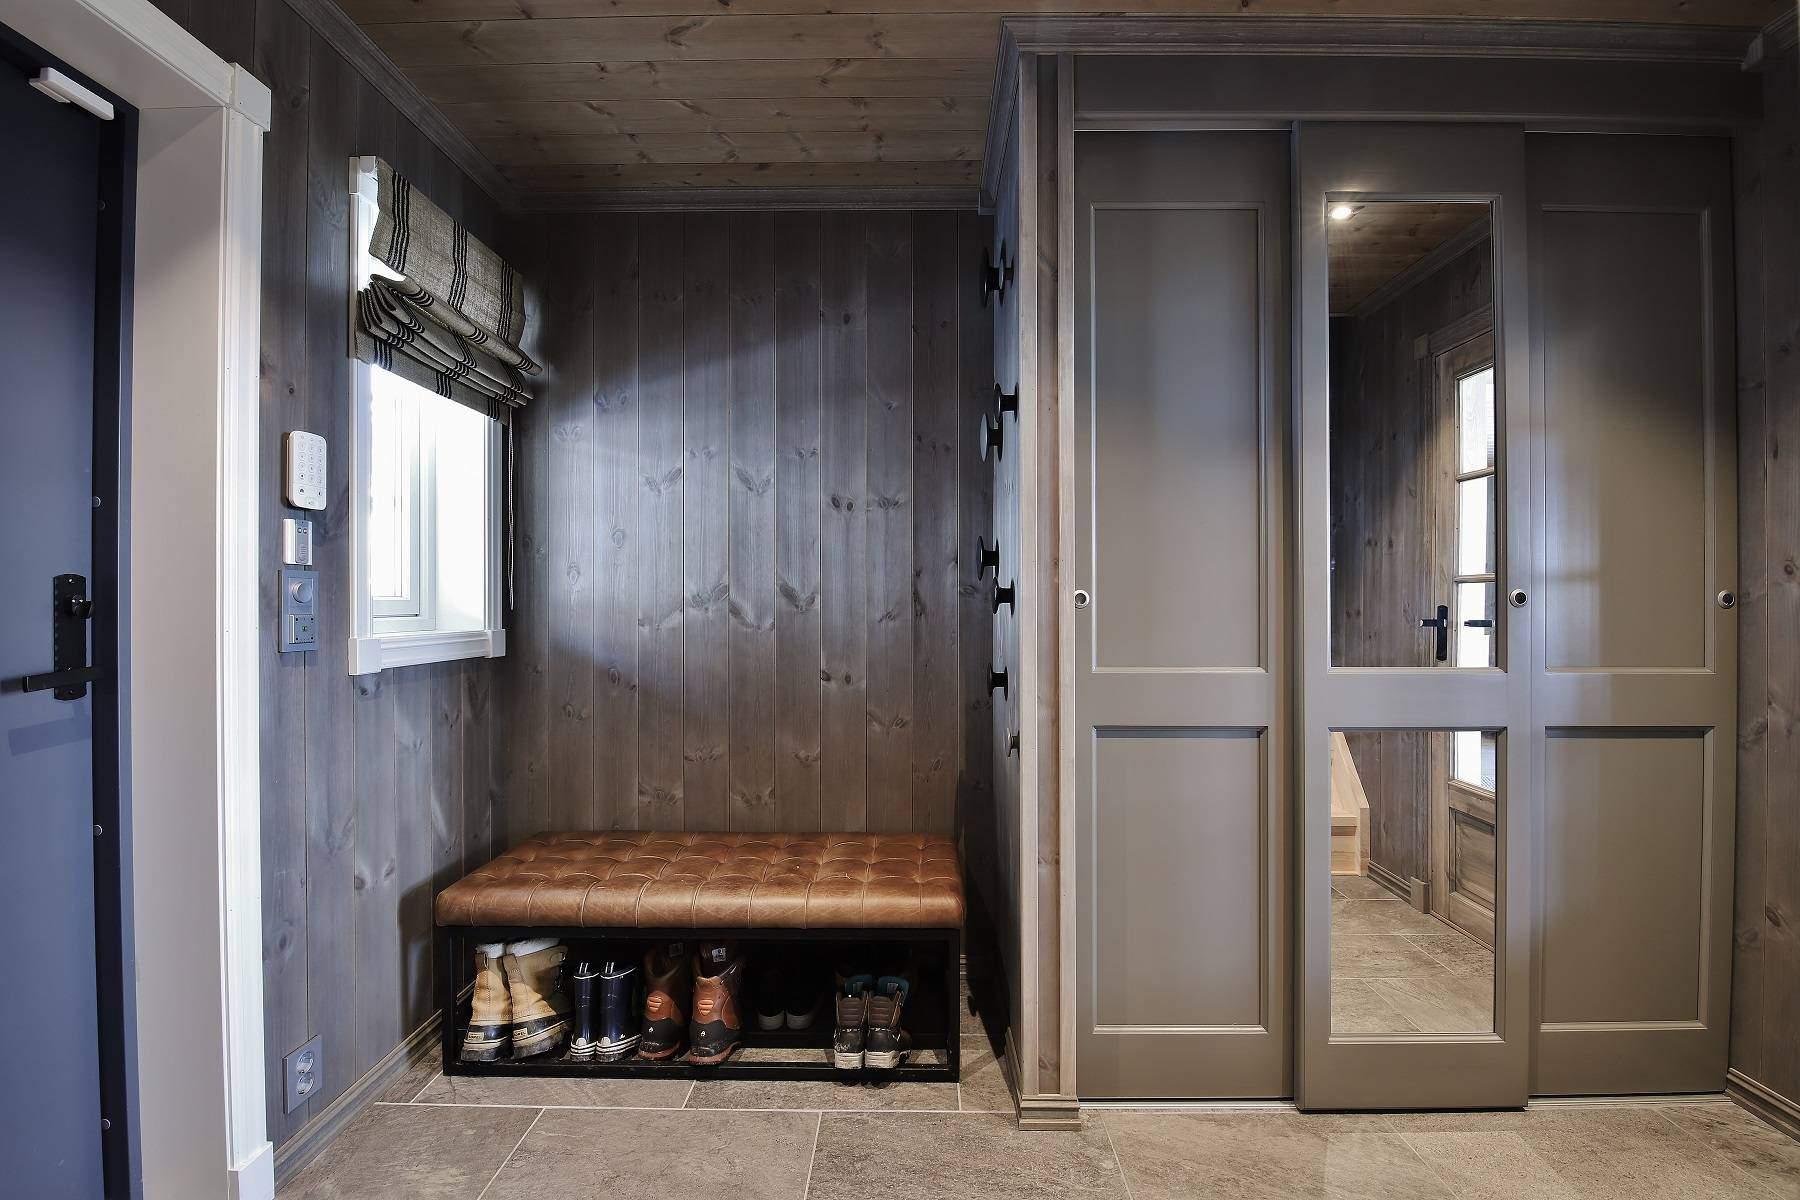 506 Hytteinteriør Hytteinspirasjon Strynsfjell 122 på Høyset Panorama Vaset. Entréen med plassbygd garderobenisje og sitteplass under vinduet